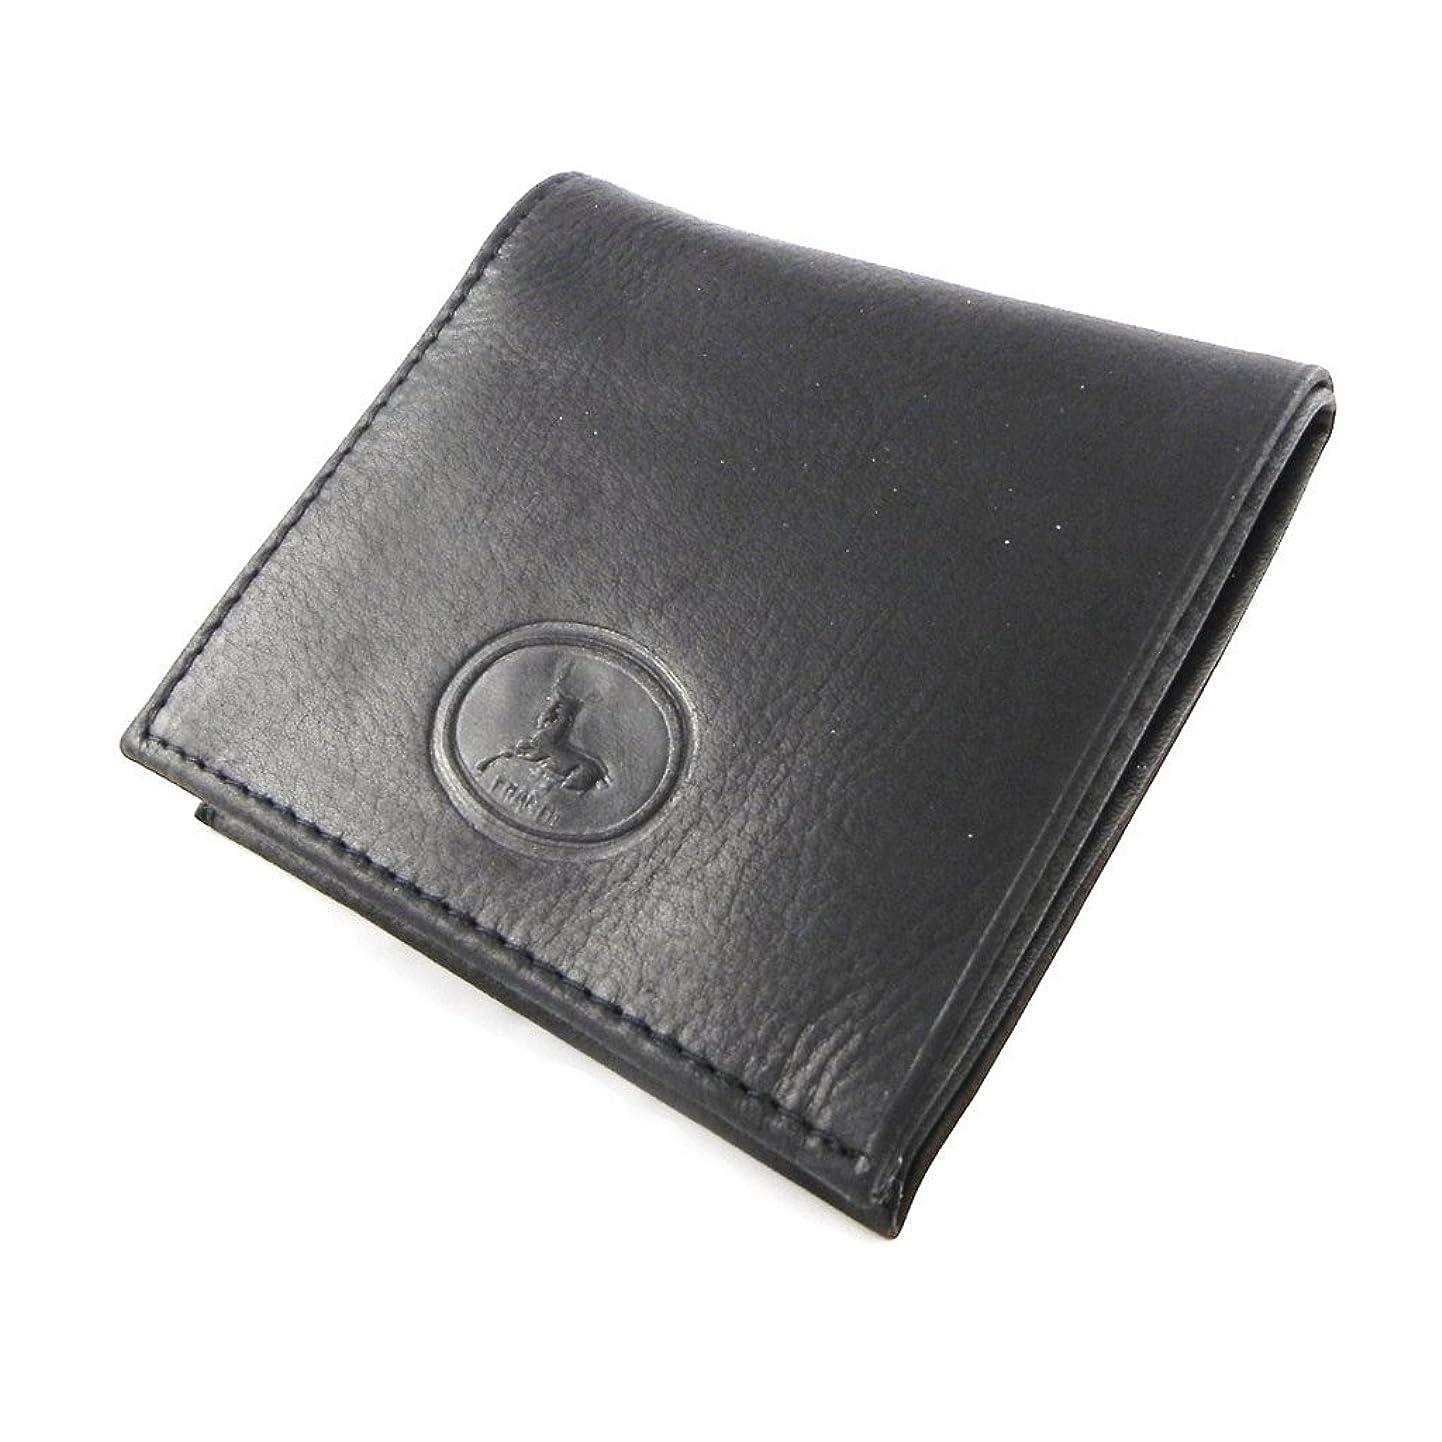 お肉下葉を拾うFrandi [H6766] - Porte-monnaie Cuir 'Frandi' noir authentique